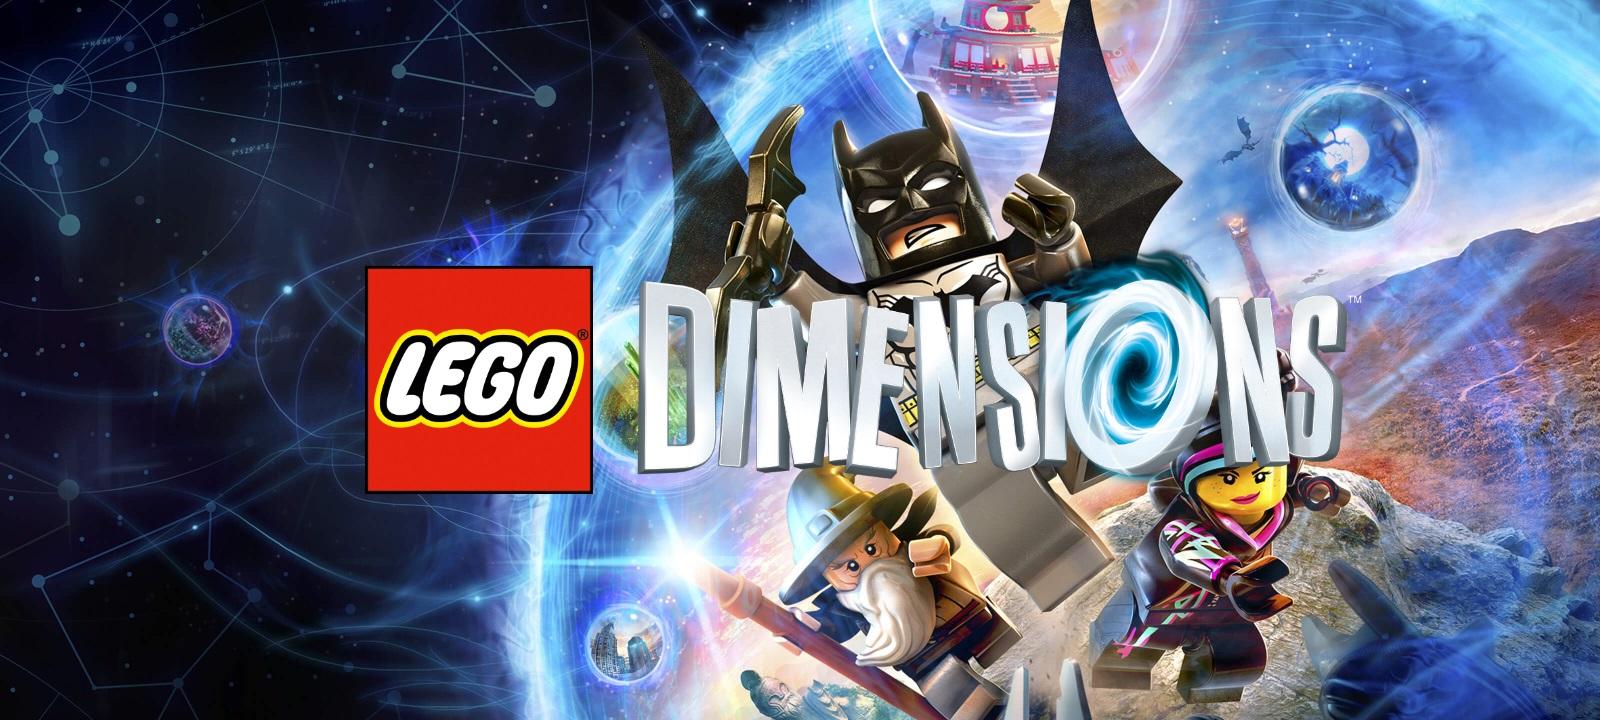 Lego Jeu Et De Liste Packs Des DimensionsSystème vnw8Nm0